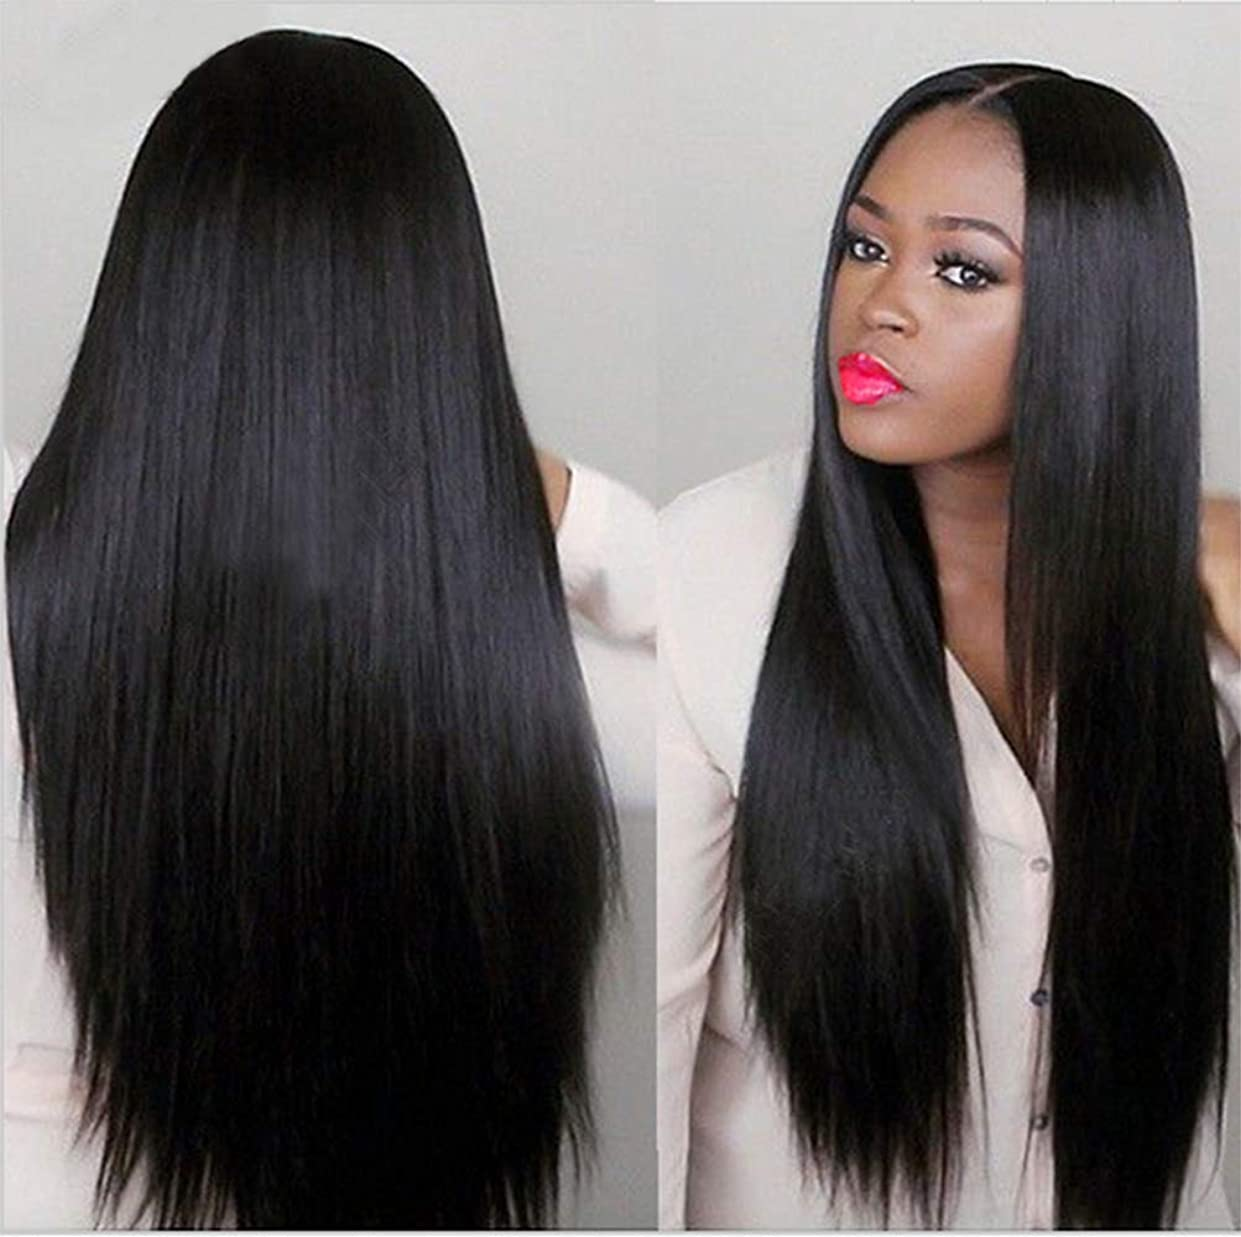 博物館憂鬱ホームレスブラジルのバージンヘアストレート100%未処理の人間の髪の毛ストレート100%の本物の人間の髪の毛を編む女性の髪